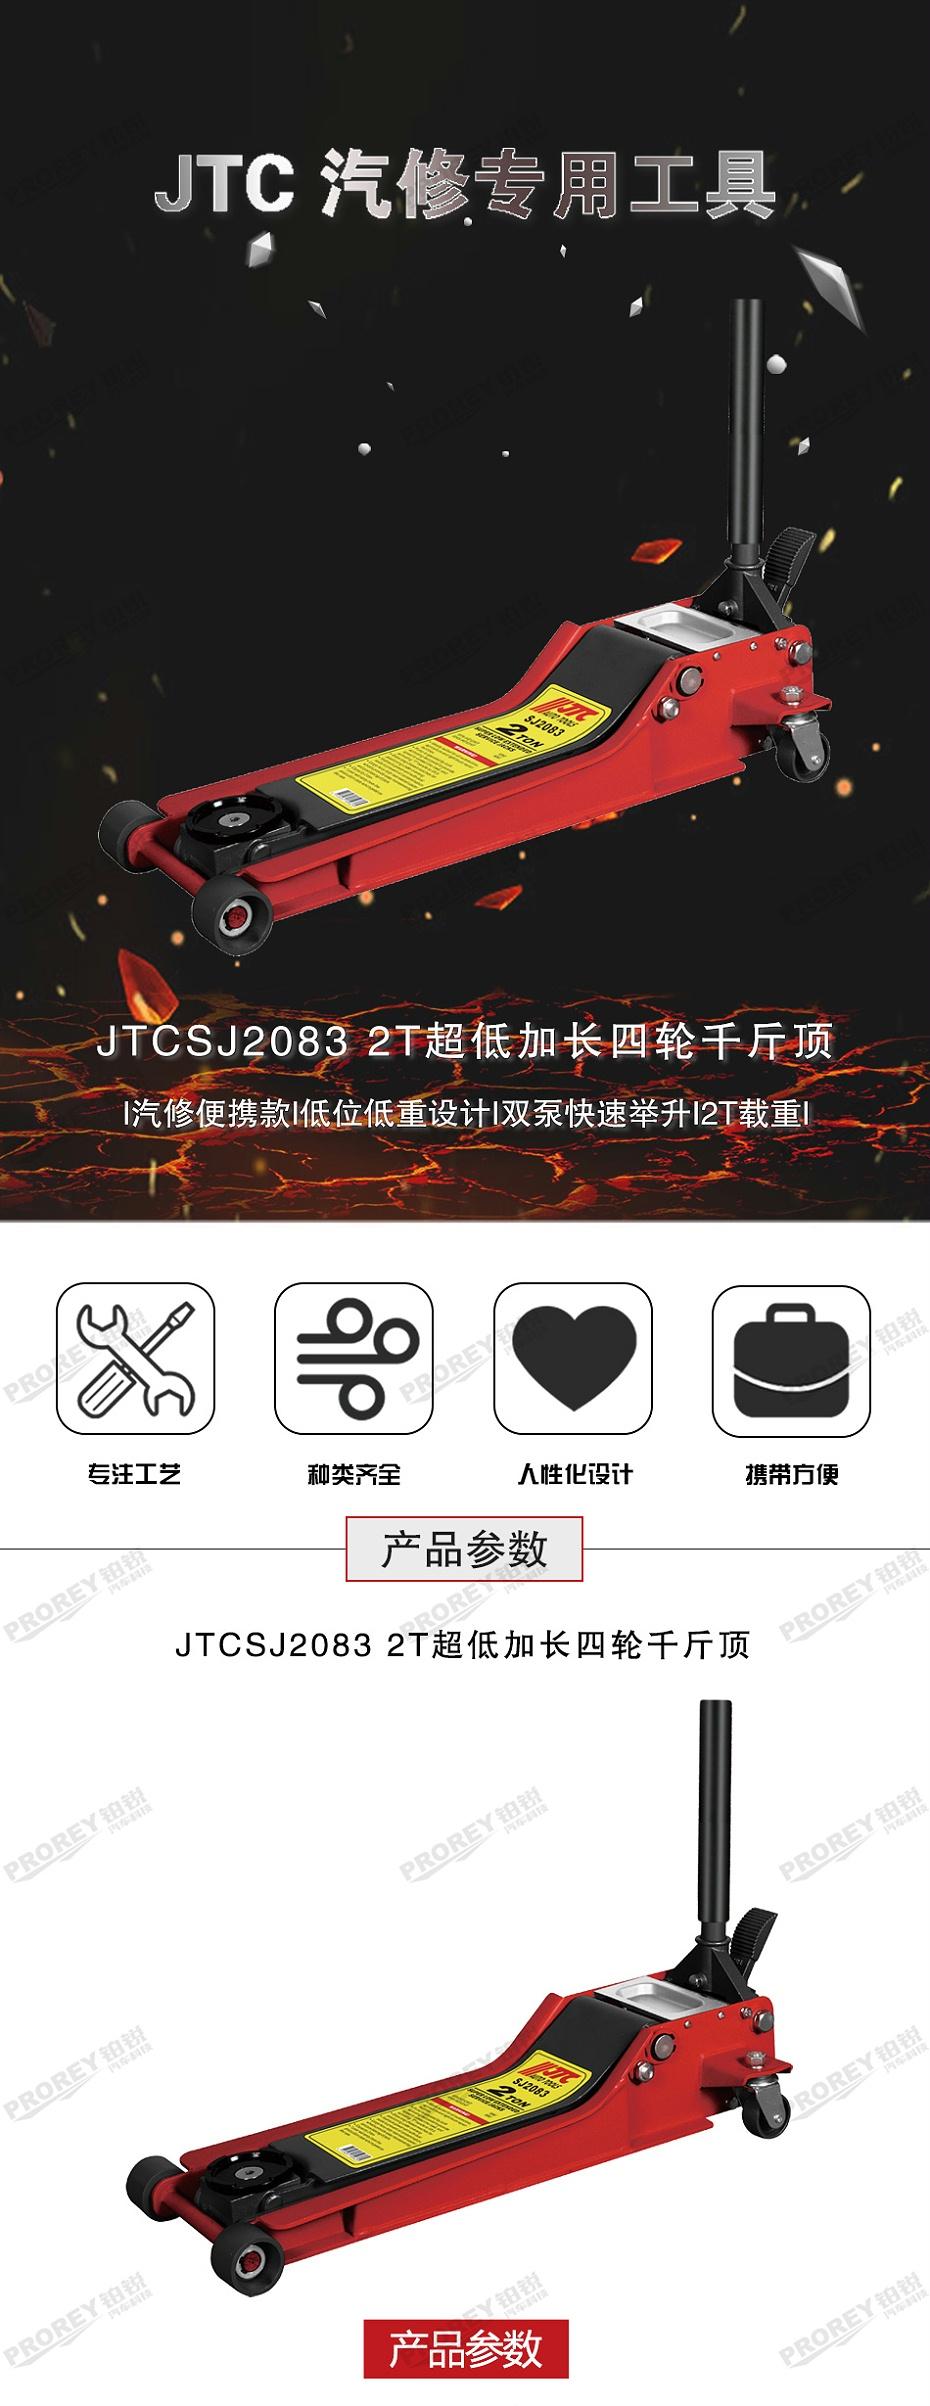 GW-100100052-JTCSJ2083-2T超低加长四轮千斤顶-1